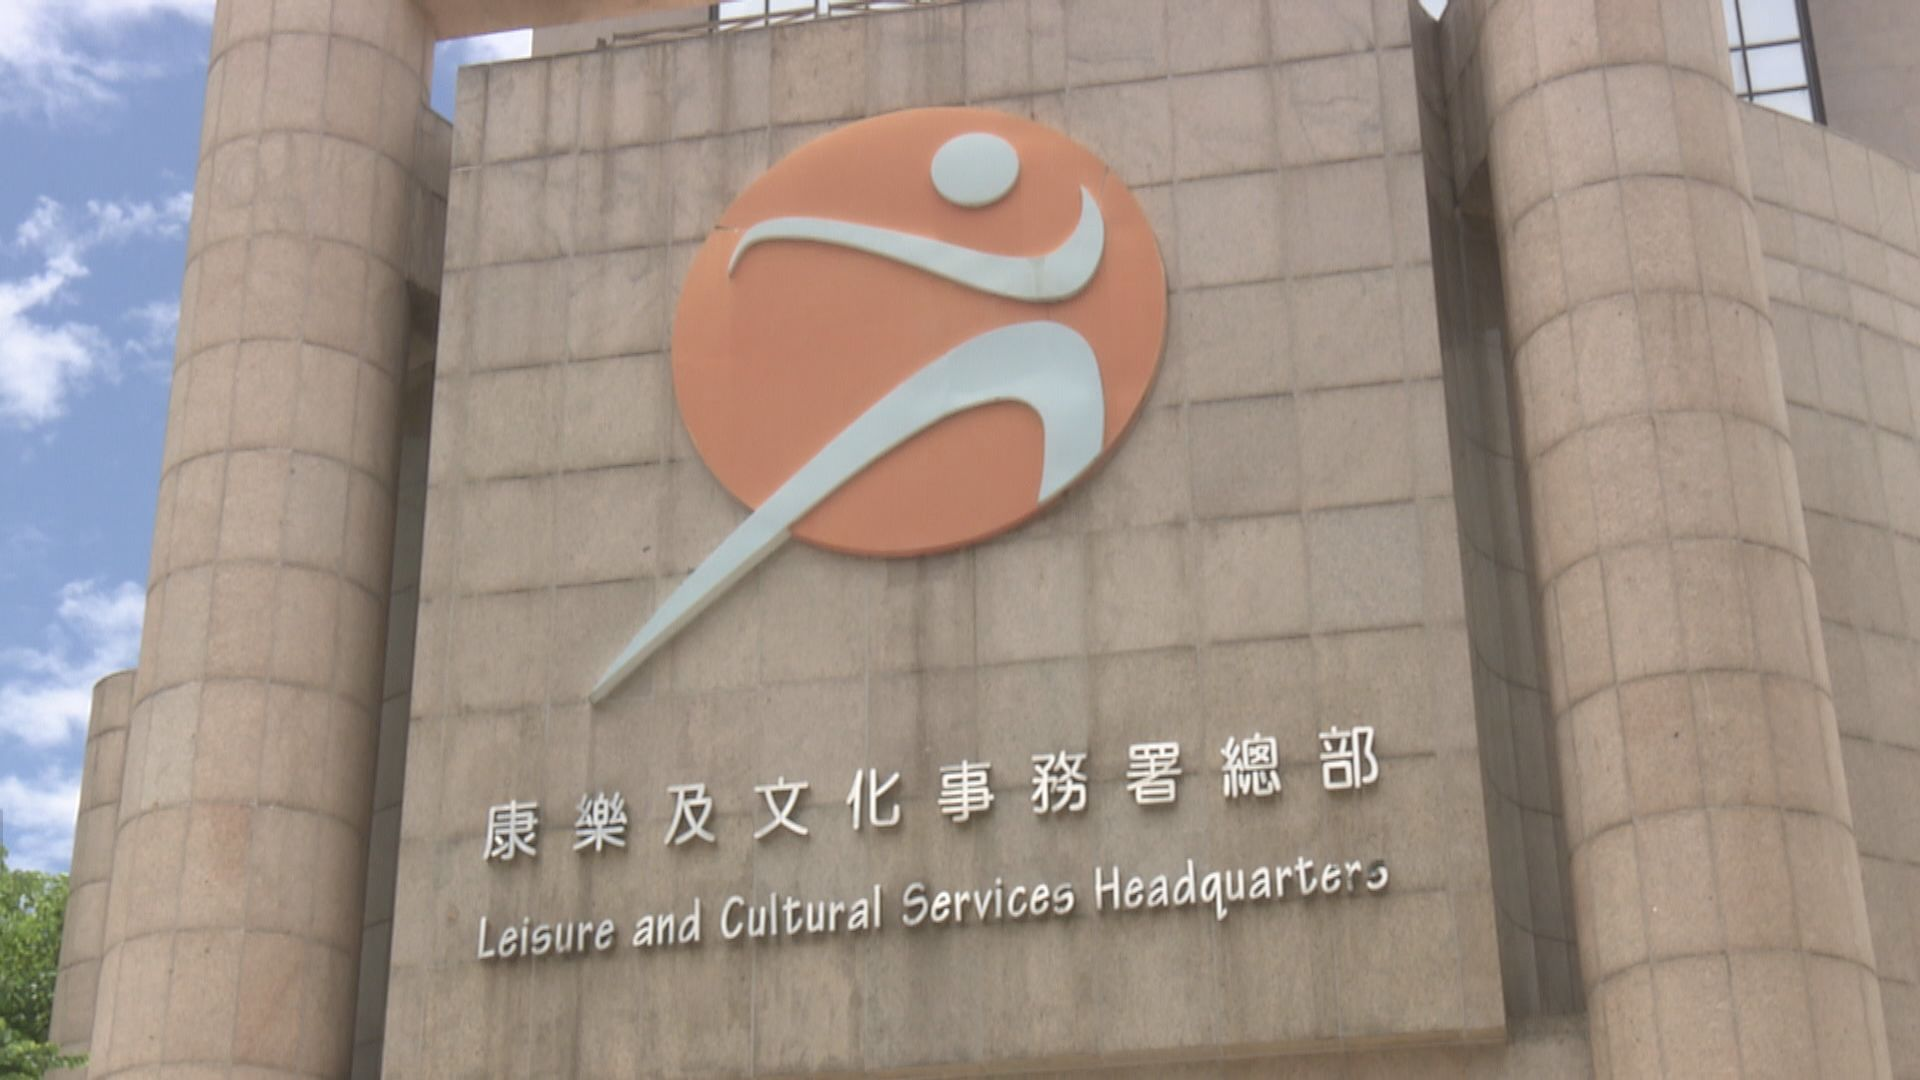 康文署指過去半年接獲342宗屯門公園投訴